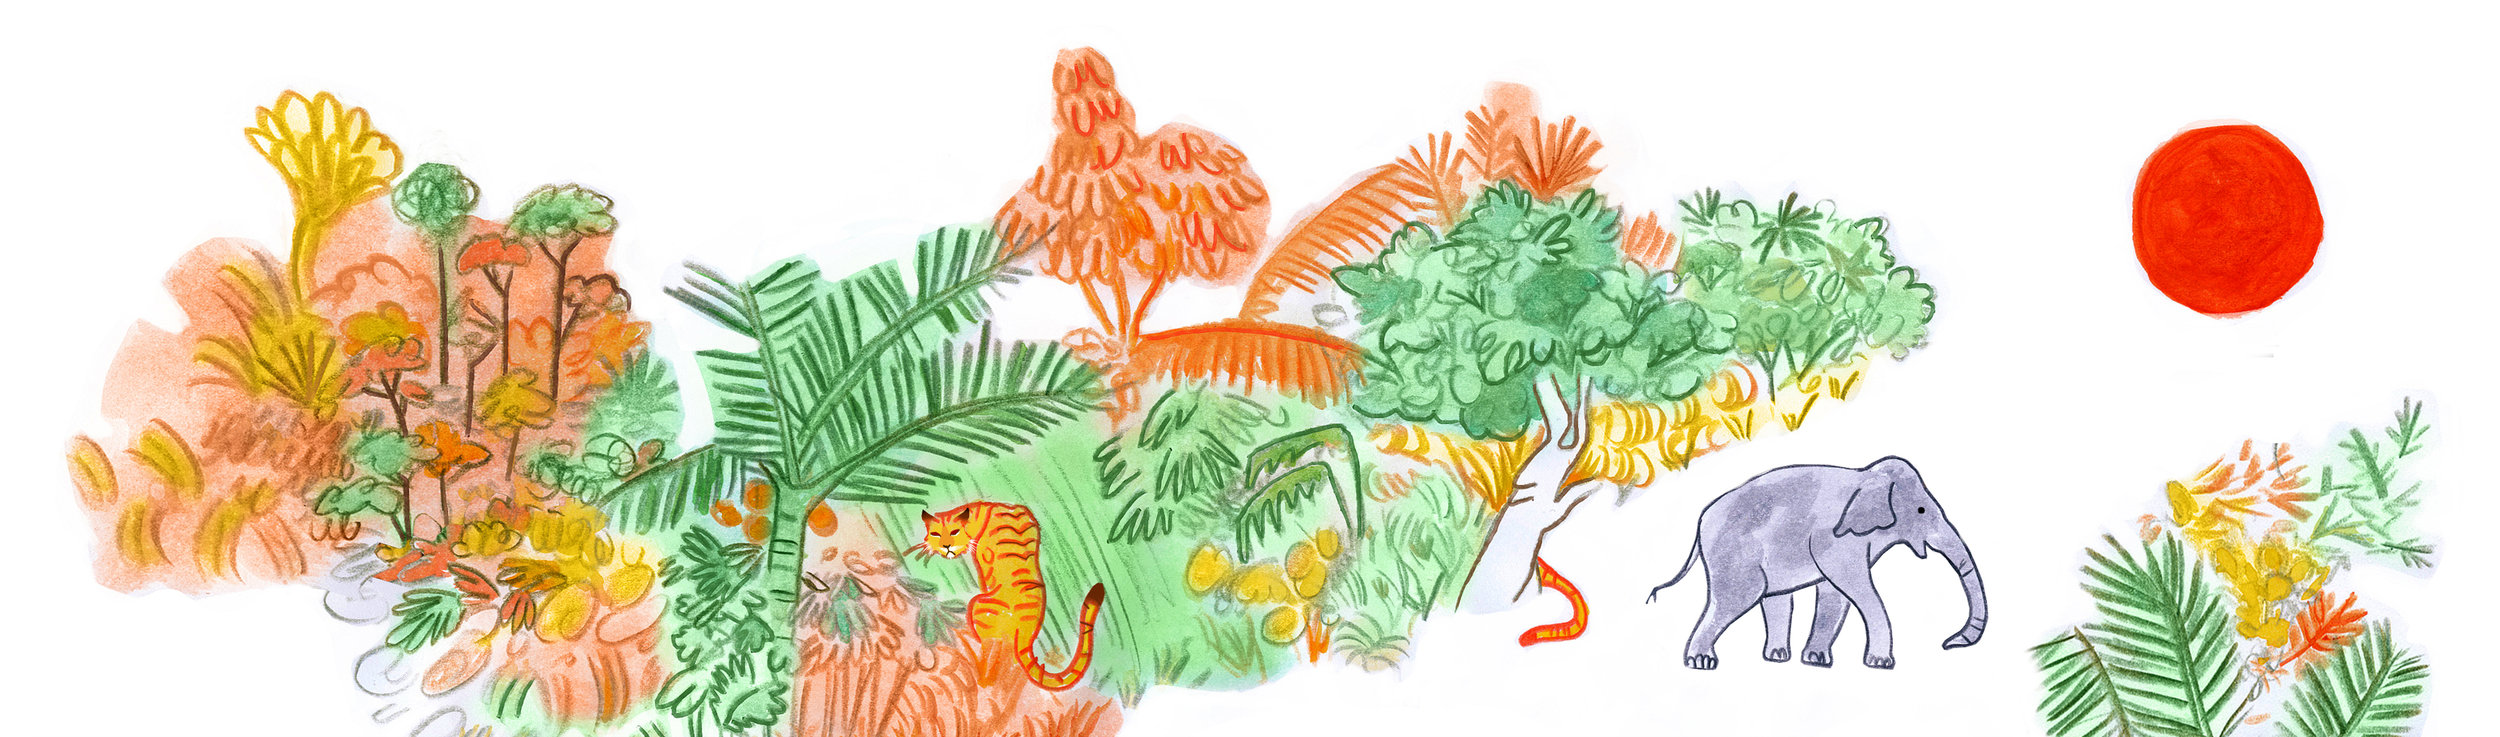 jungle wide format kopi.jpg